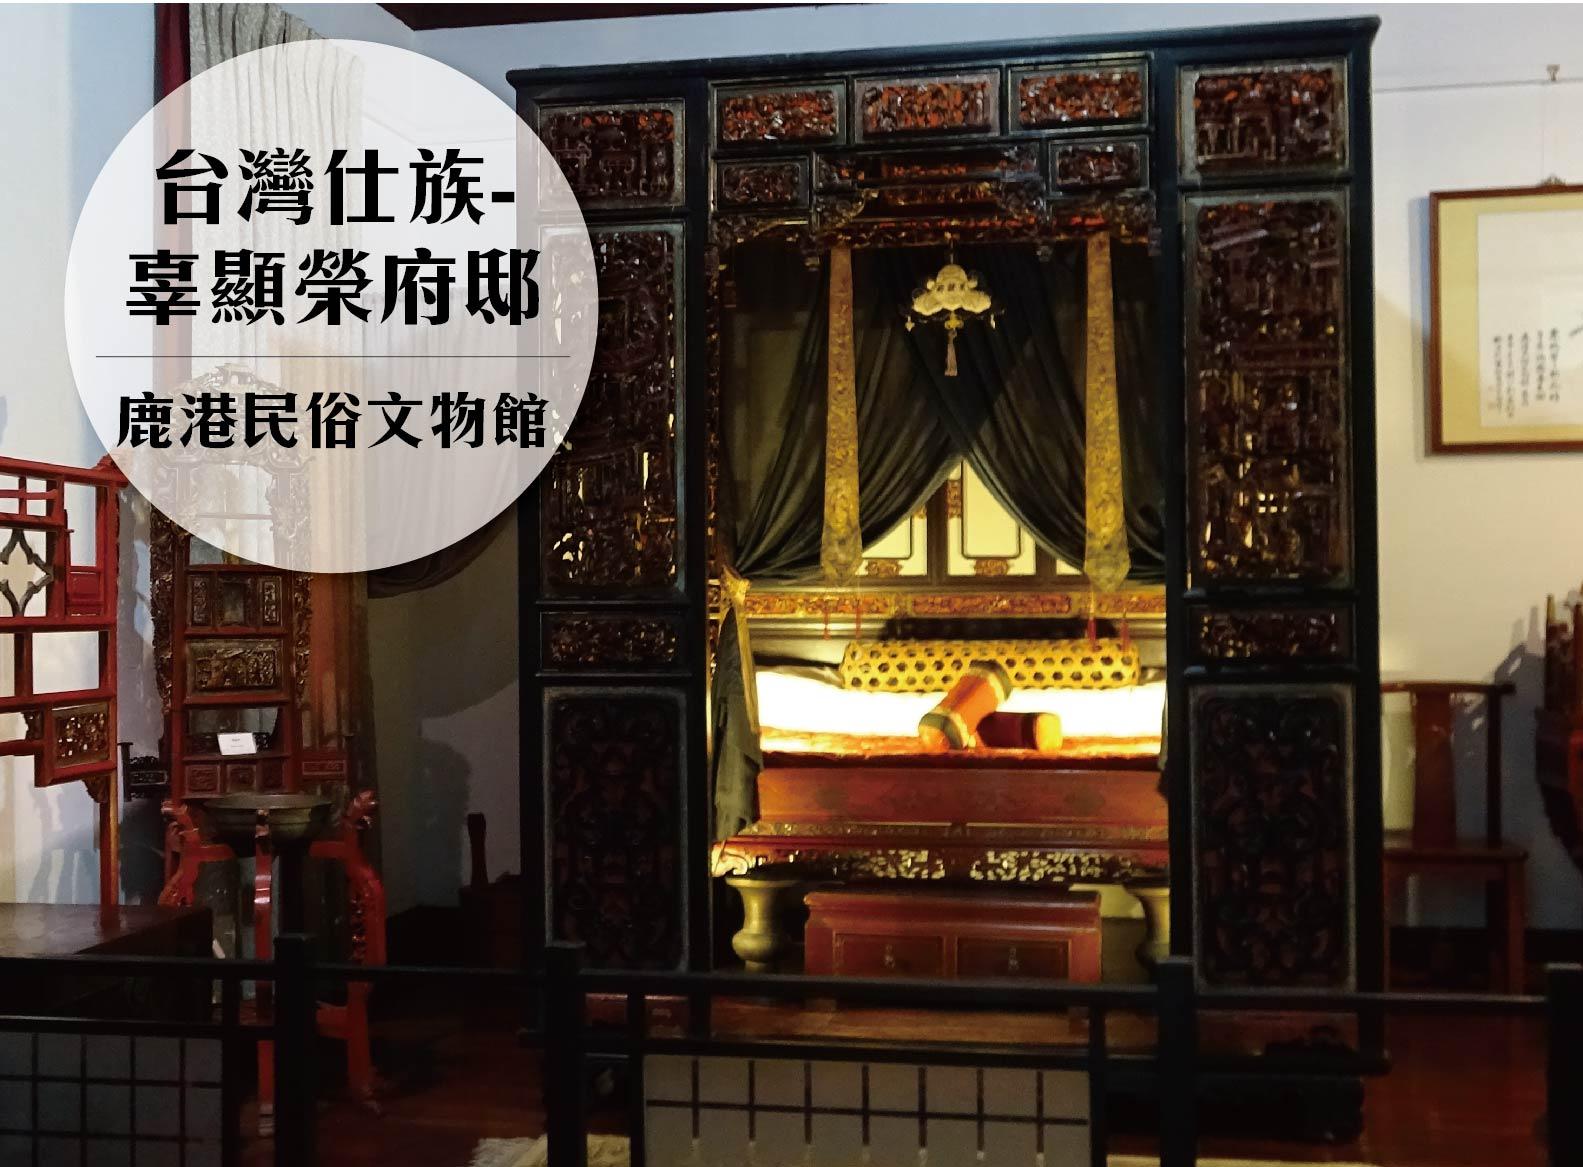 台灣鹿港|仕族辜顯榮府邸